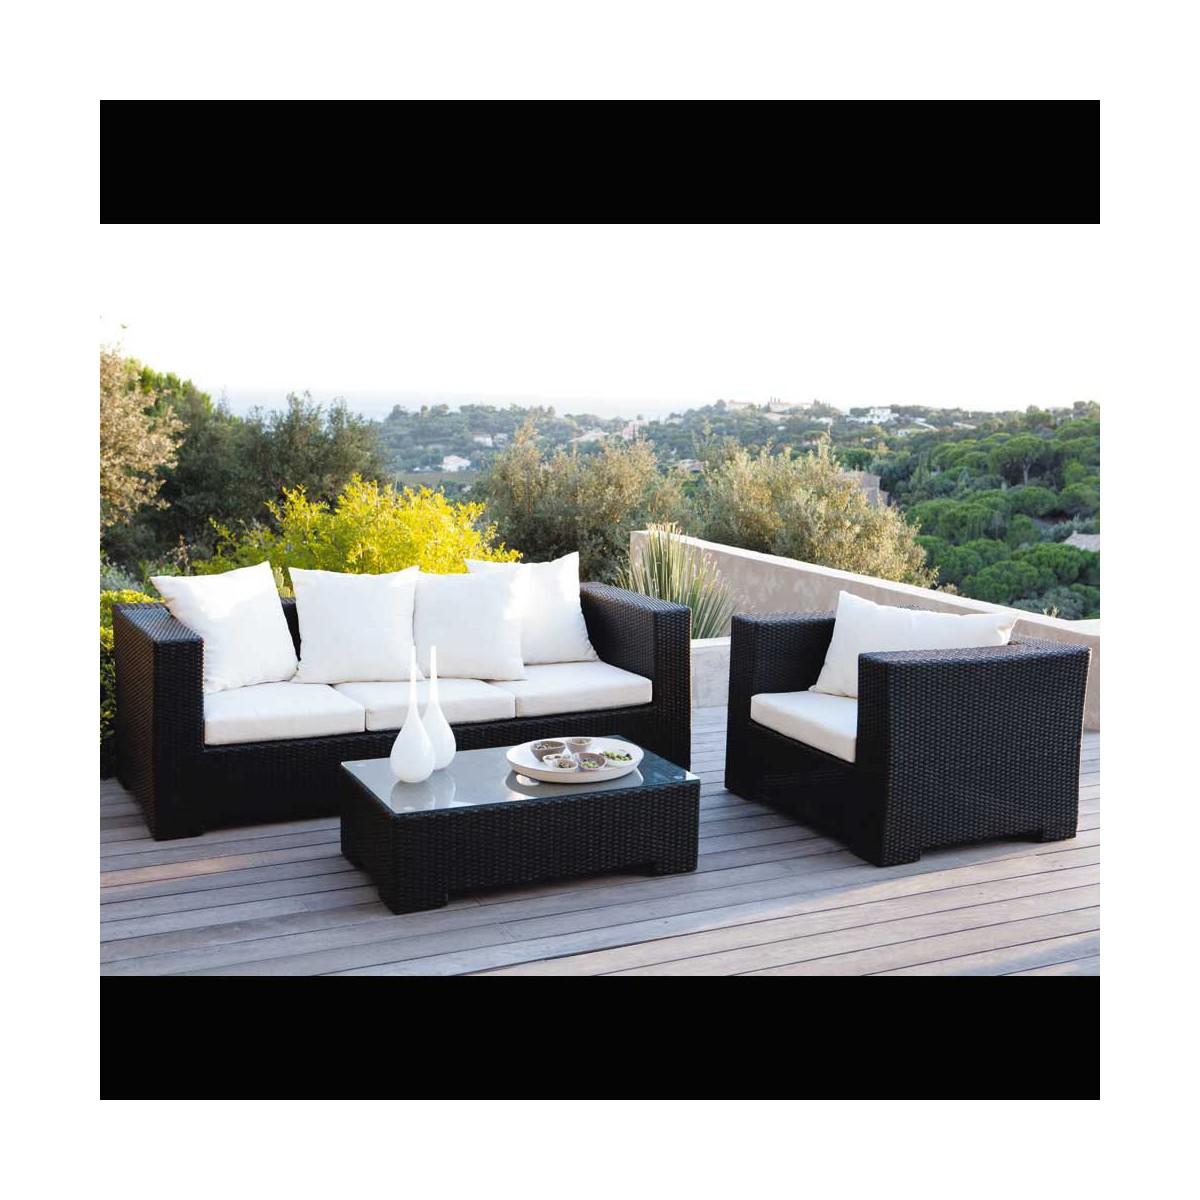 Table Basse Jardin Resine | Ides De Table Et Chaise De Jardin En ...